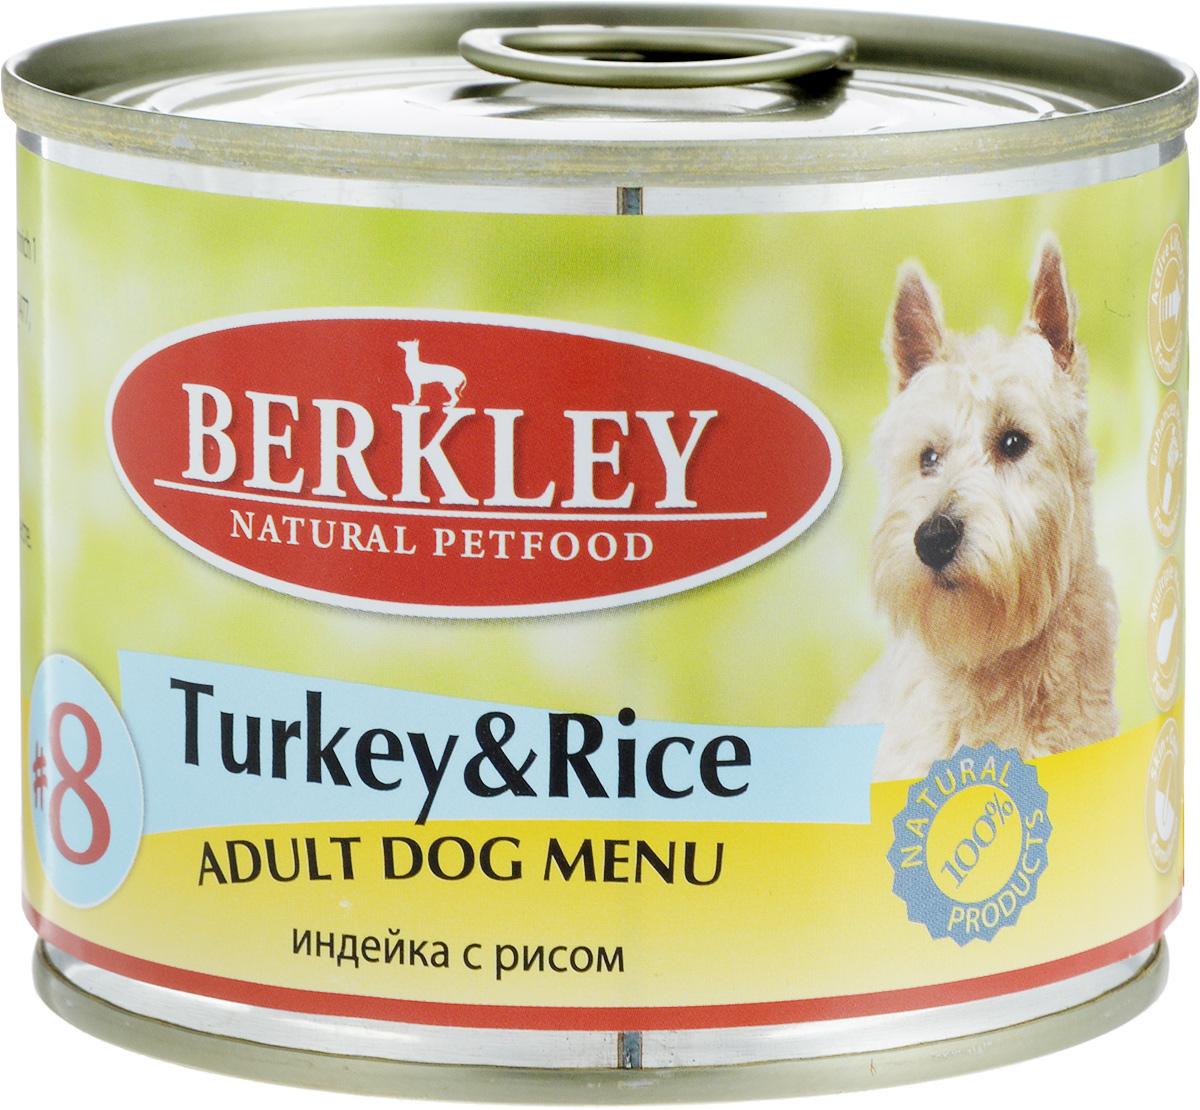 Консервы для собак Berkley №8, индейка с рисом, 200 г0120710Консервы Berkley №8 - полноценное консервированное питание для собак. Не содержат сои, консервантов, искусственных красителей и ароматизаторов. Корм полностью удовлетворяет ежедневные энергетические потребности животного и обеспечивает оптимальное функционирование пищеварительной системы.Товар сертифицирован.